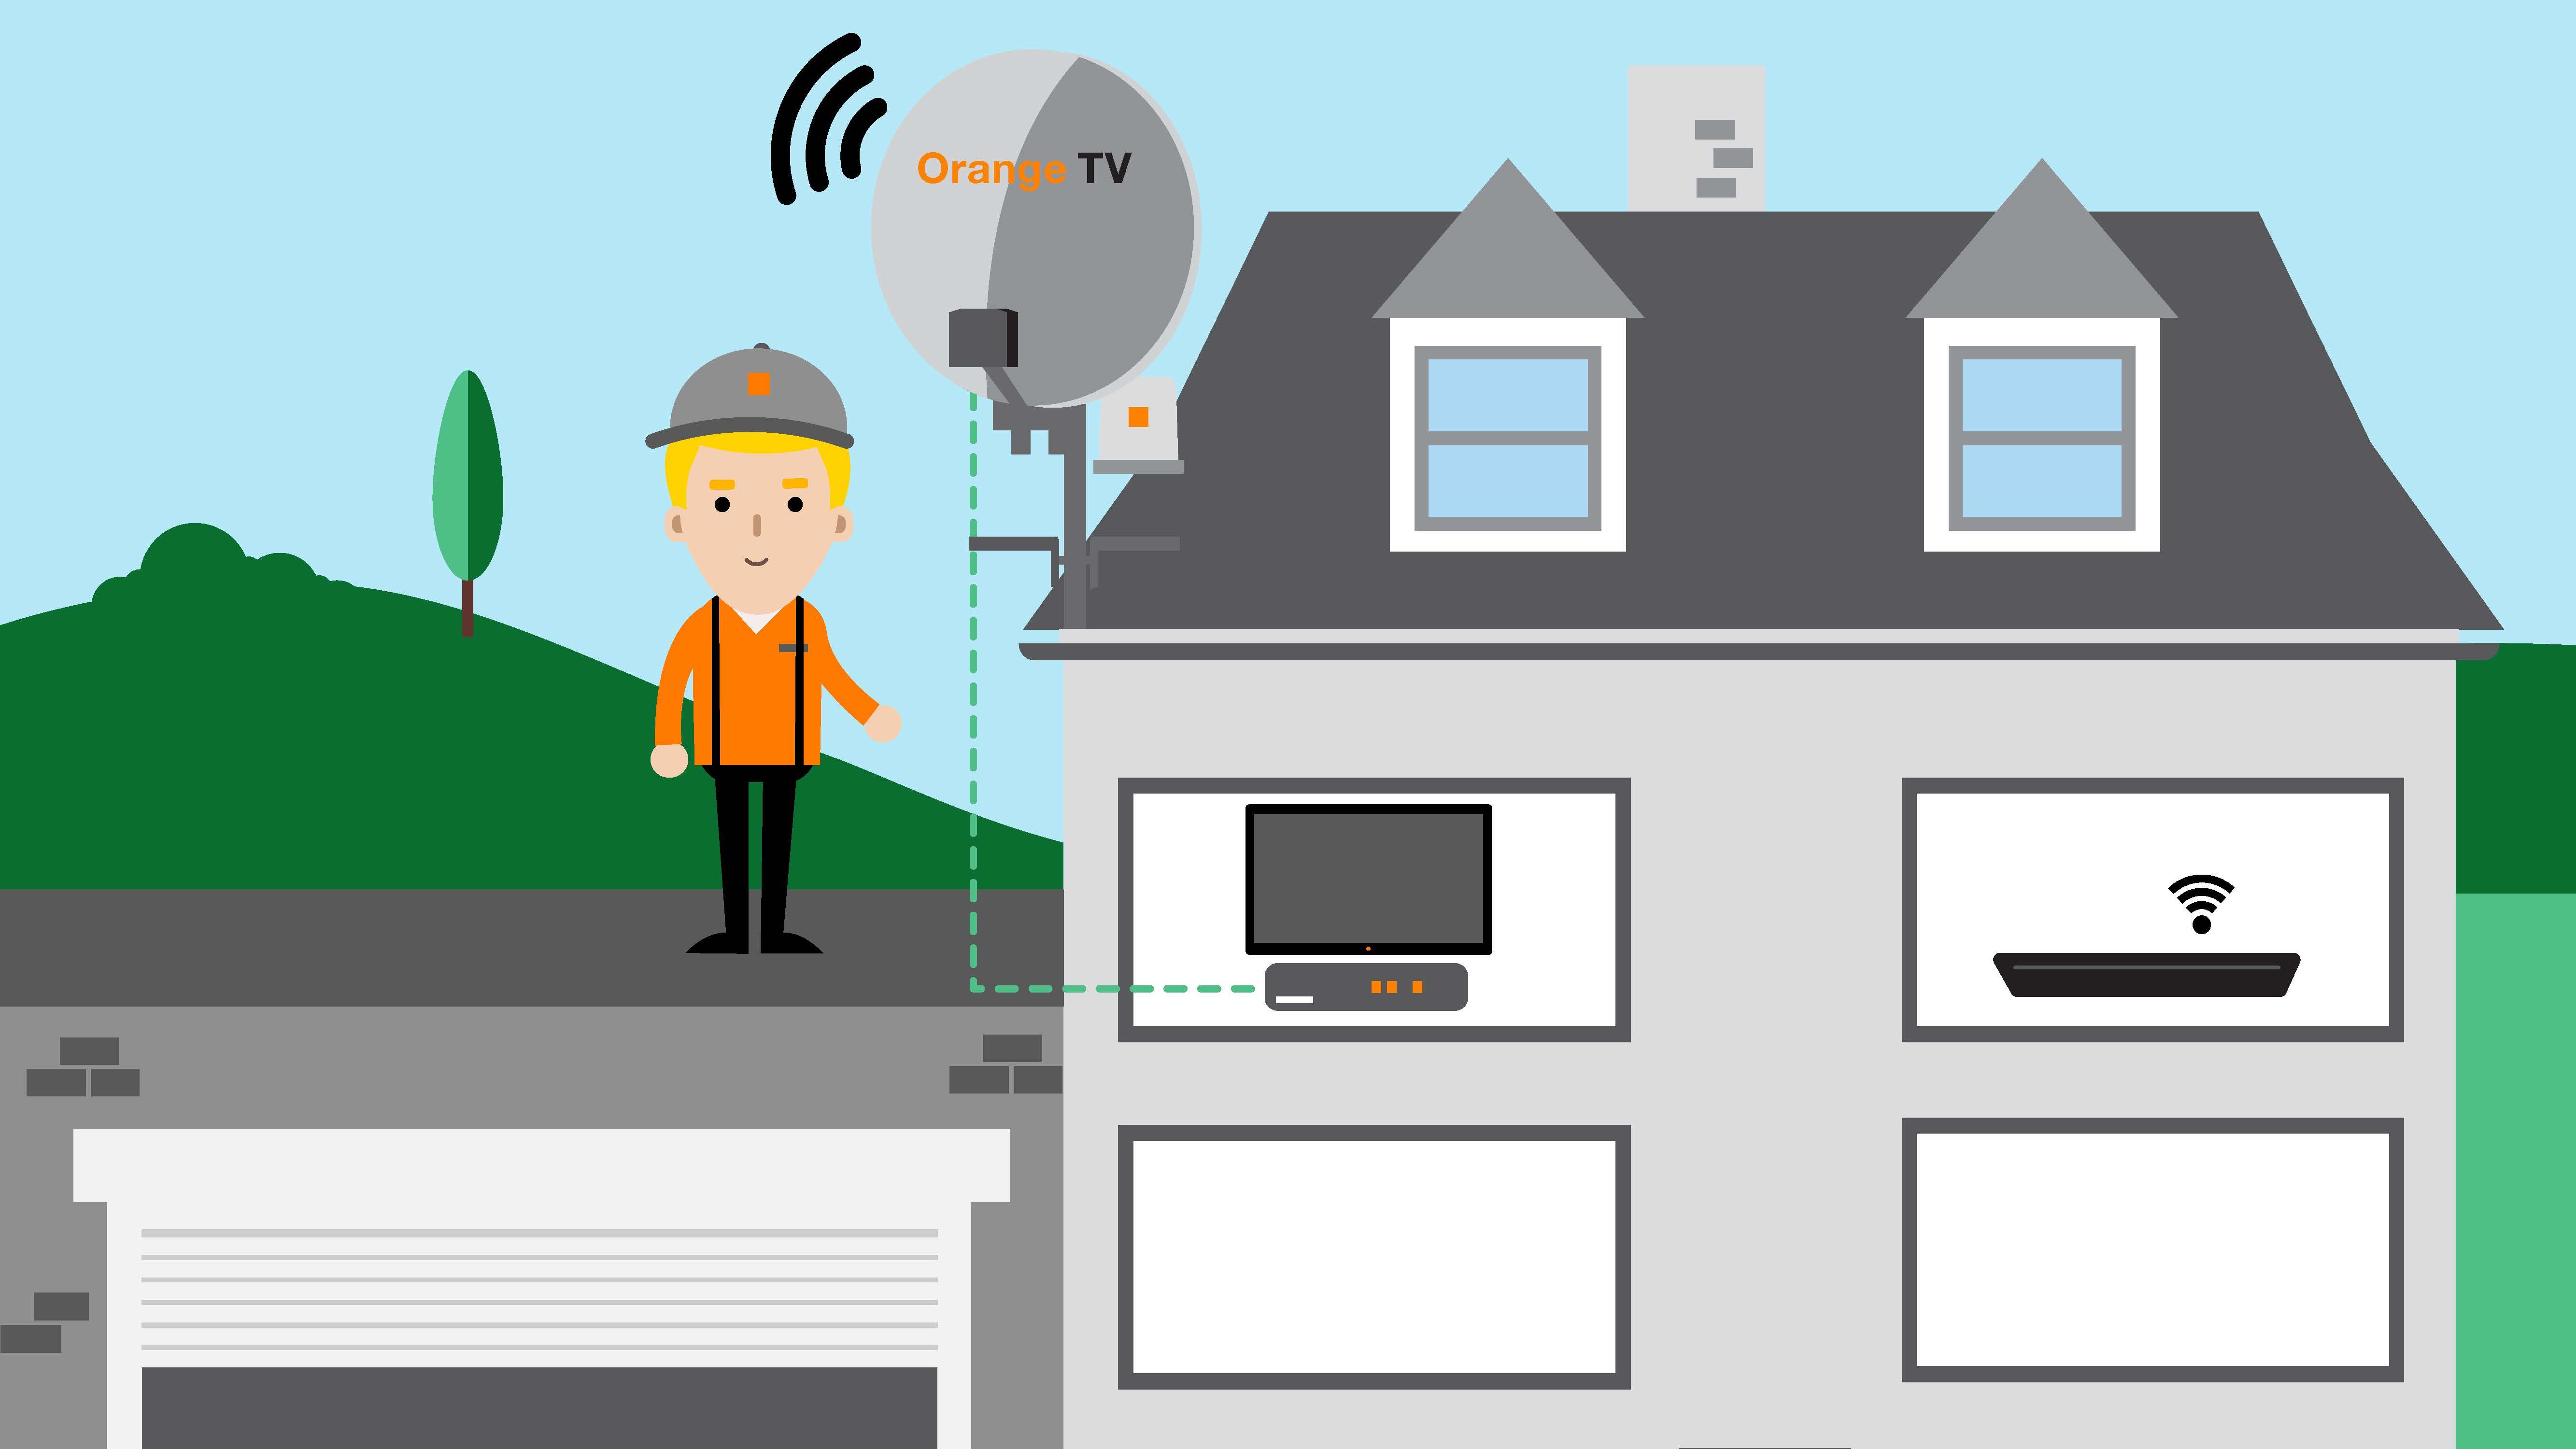 50905ff74 Orange spúšťa vlastnú satelitnú službu, Orange TV si už pozriete aj cez  satelit a internet